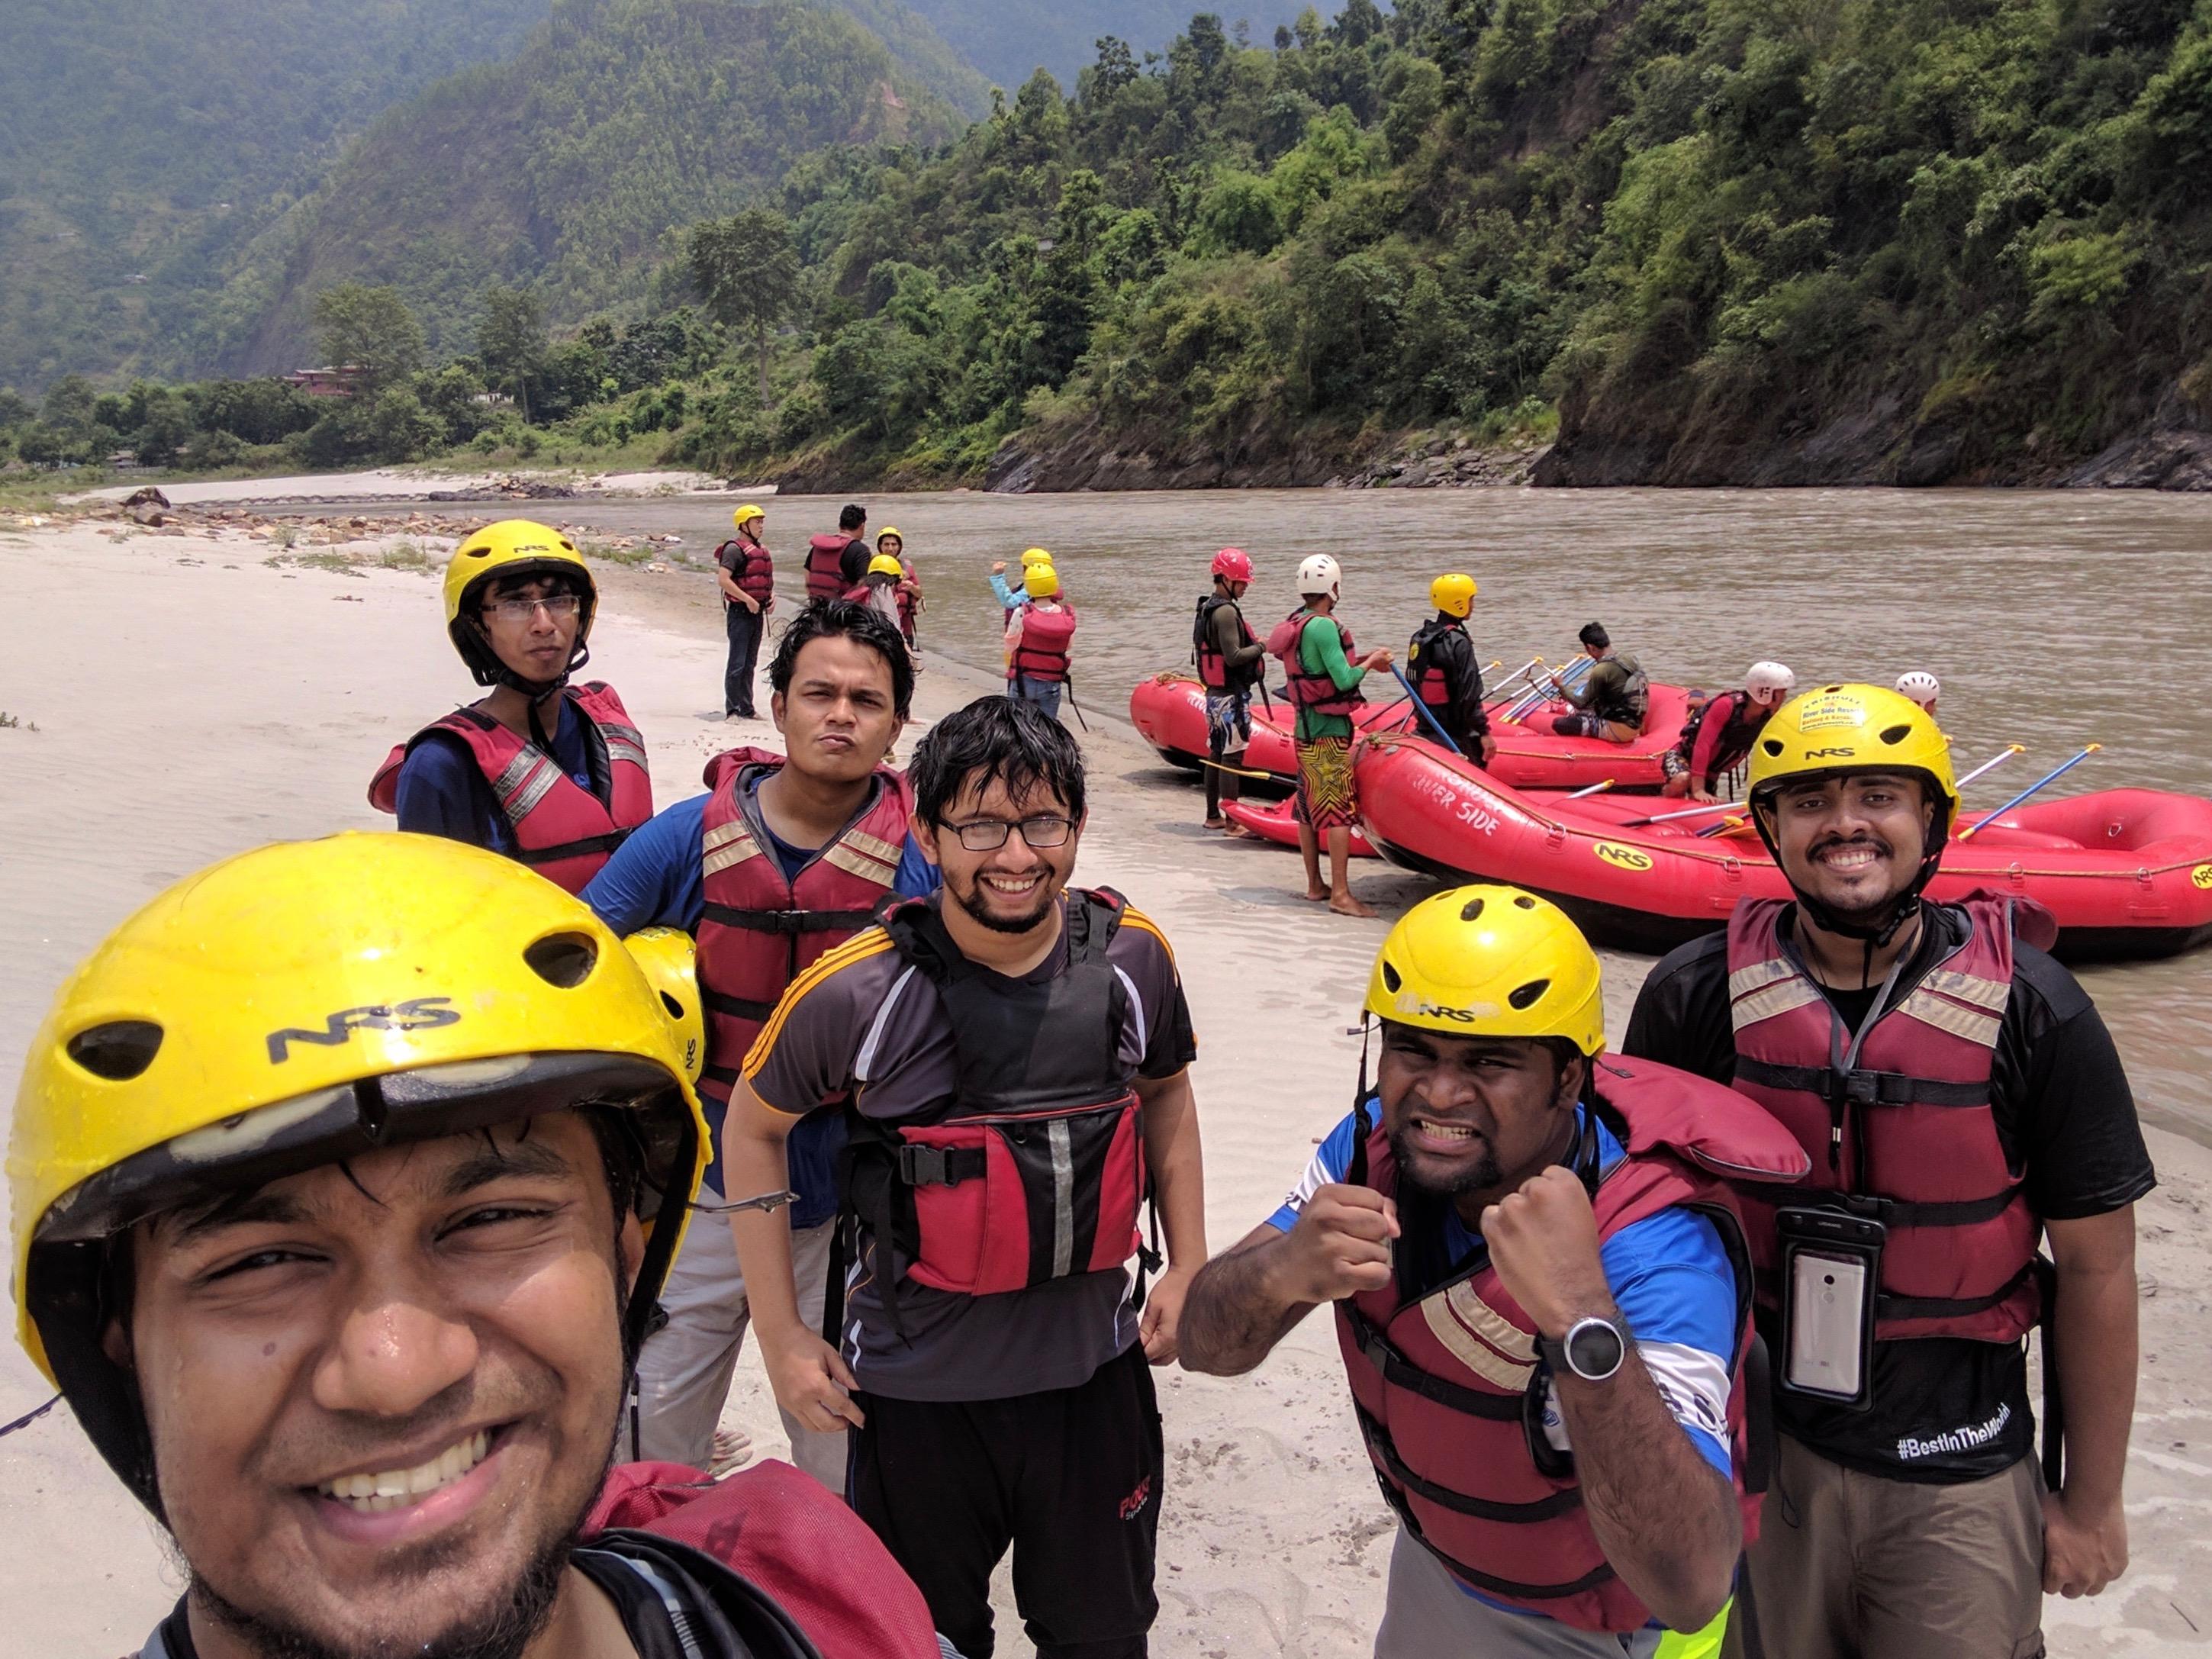 নেপাল ভ্রমণের ইতিবৃত্ত-রাফটিং